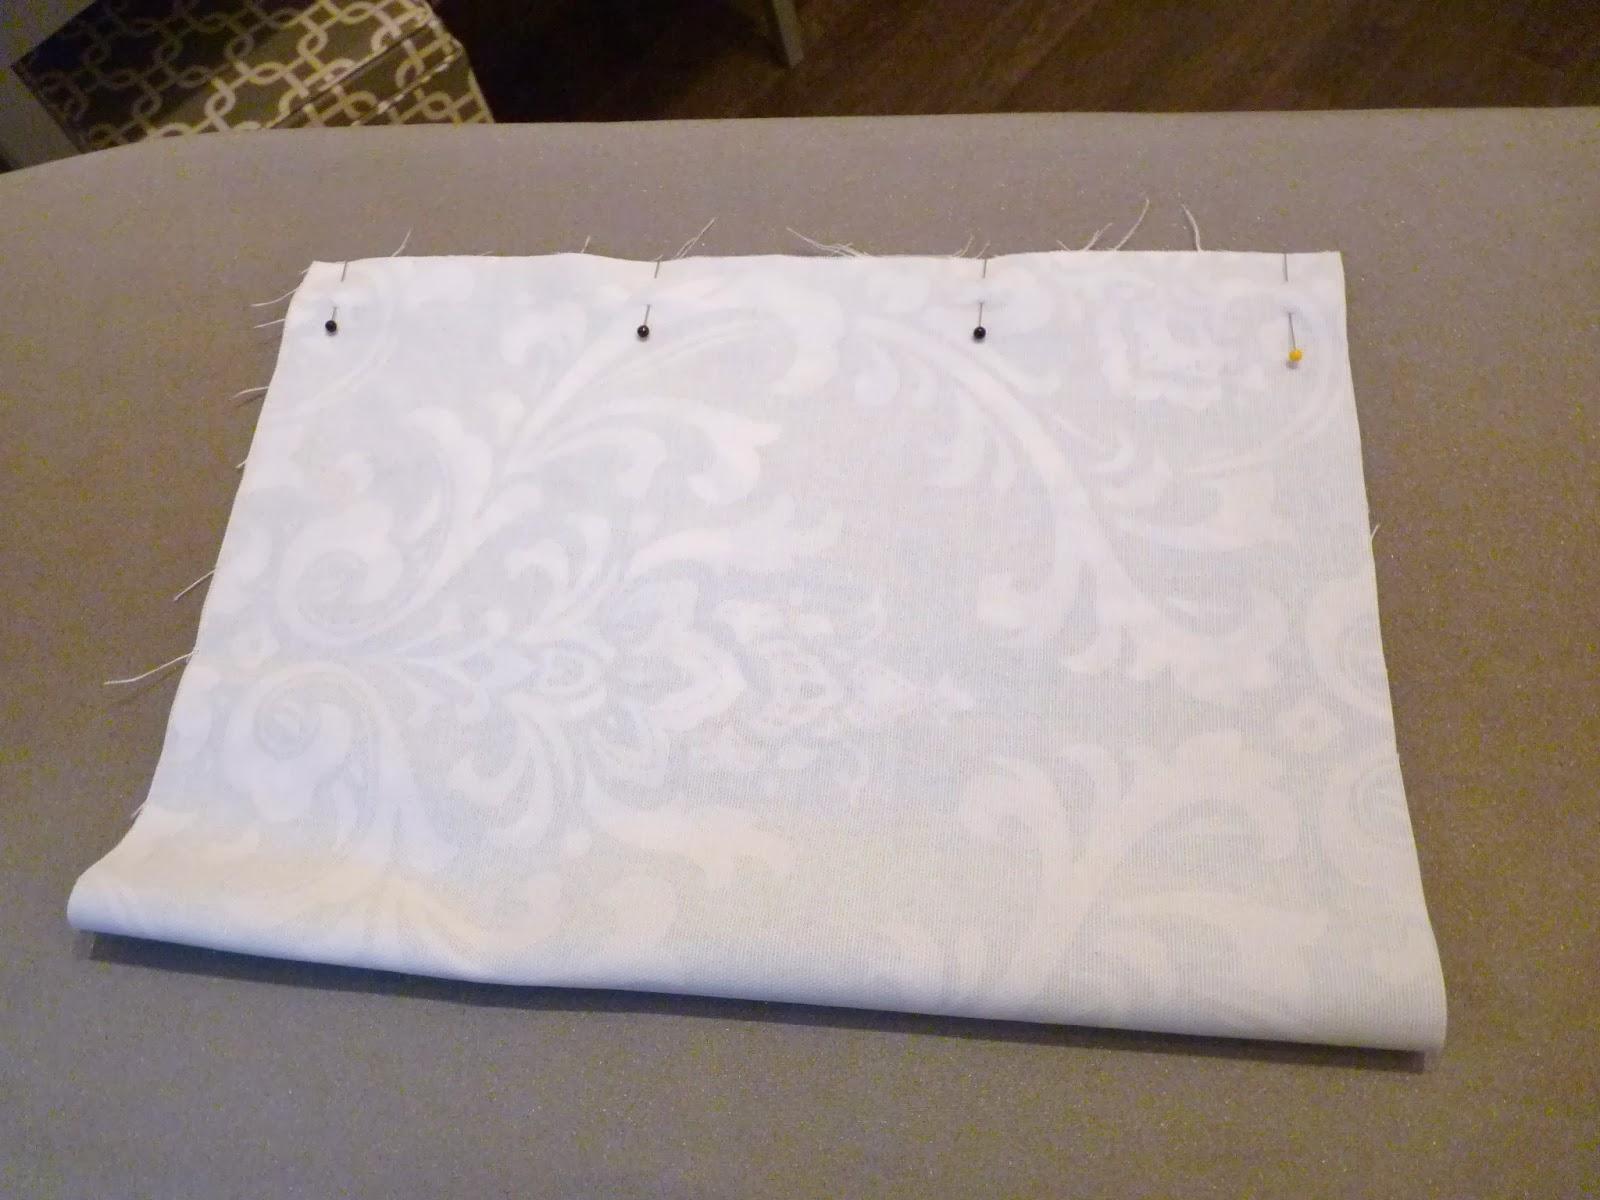 d i y d e s i g n & d i y d e s i g n: How To Sew A Custom Bolster-Cushion Cover pillowsntoast.com